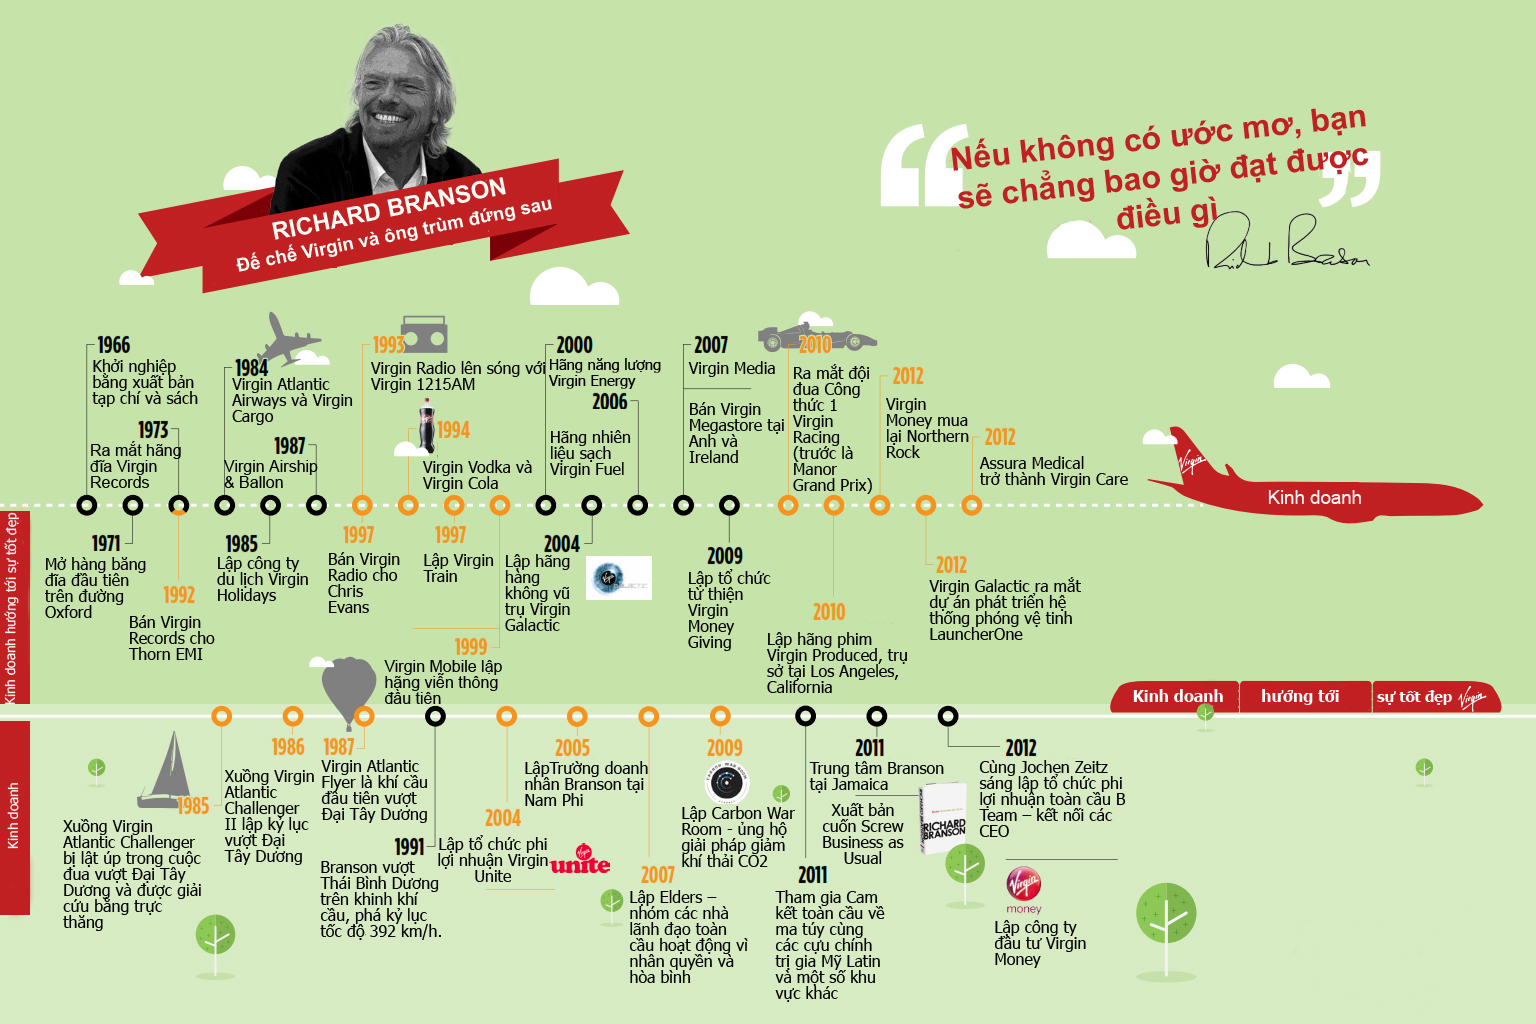 Đường thành tỷ phú của Richard Branson